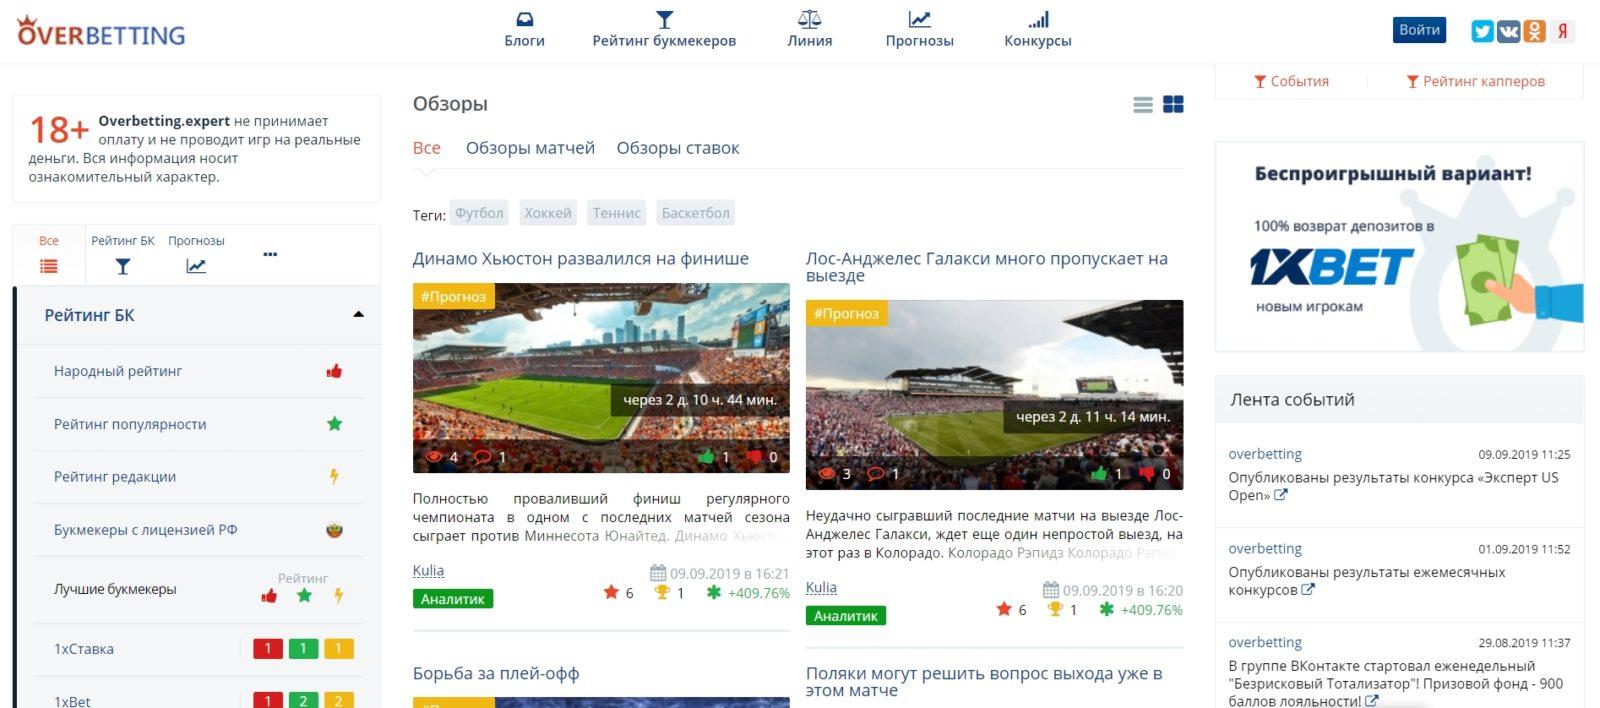 Отзывы о сайте Overbetting.net